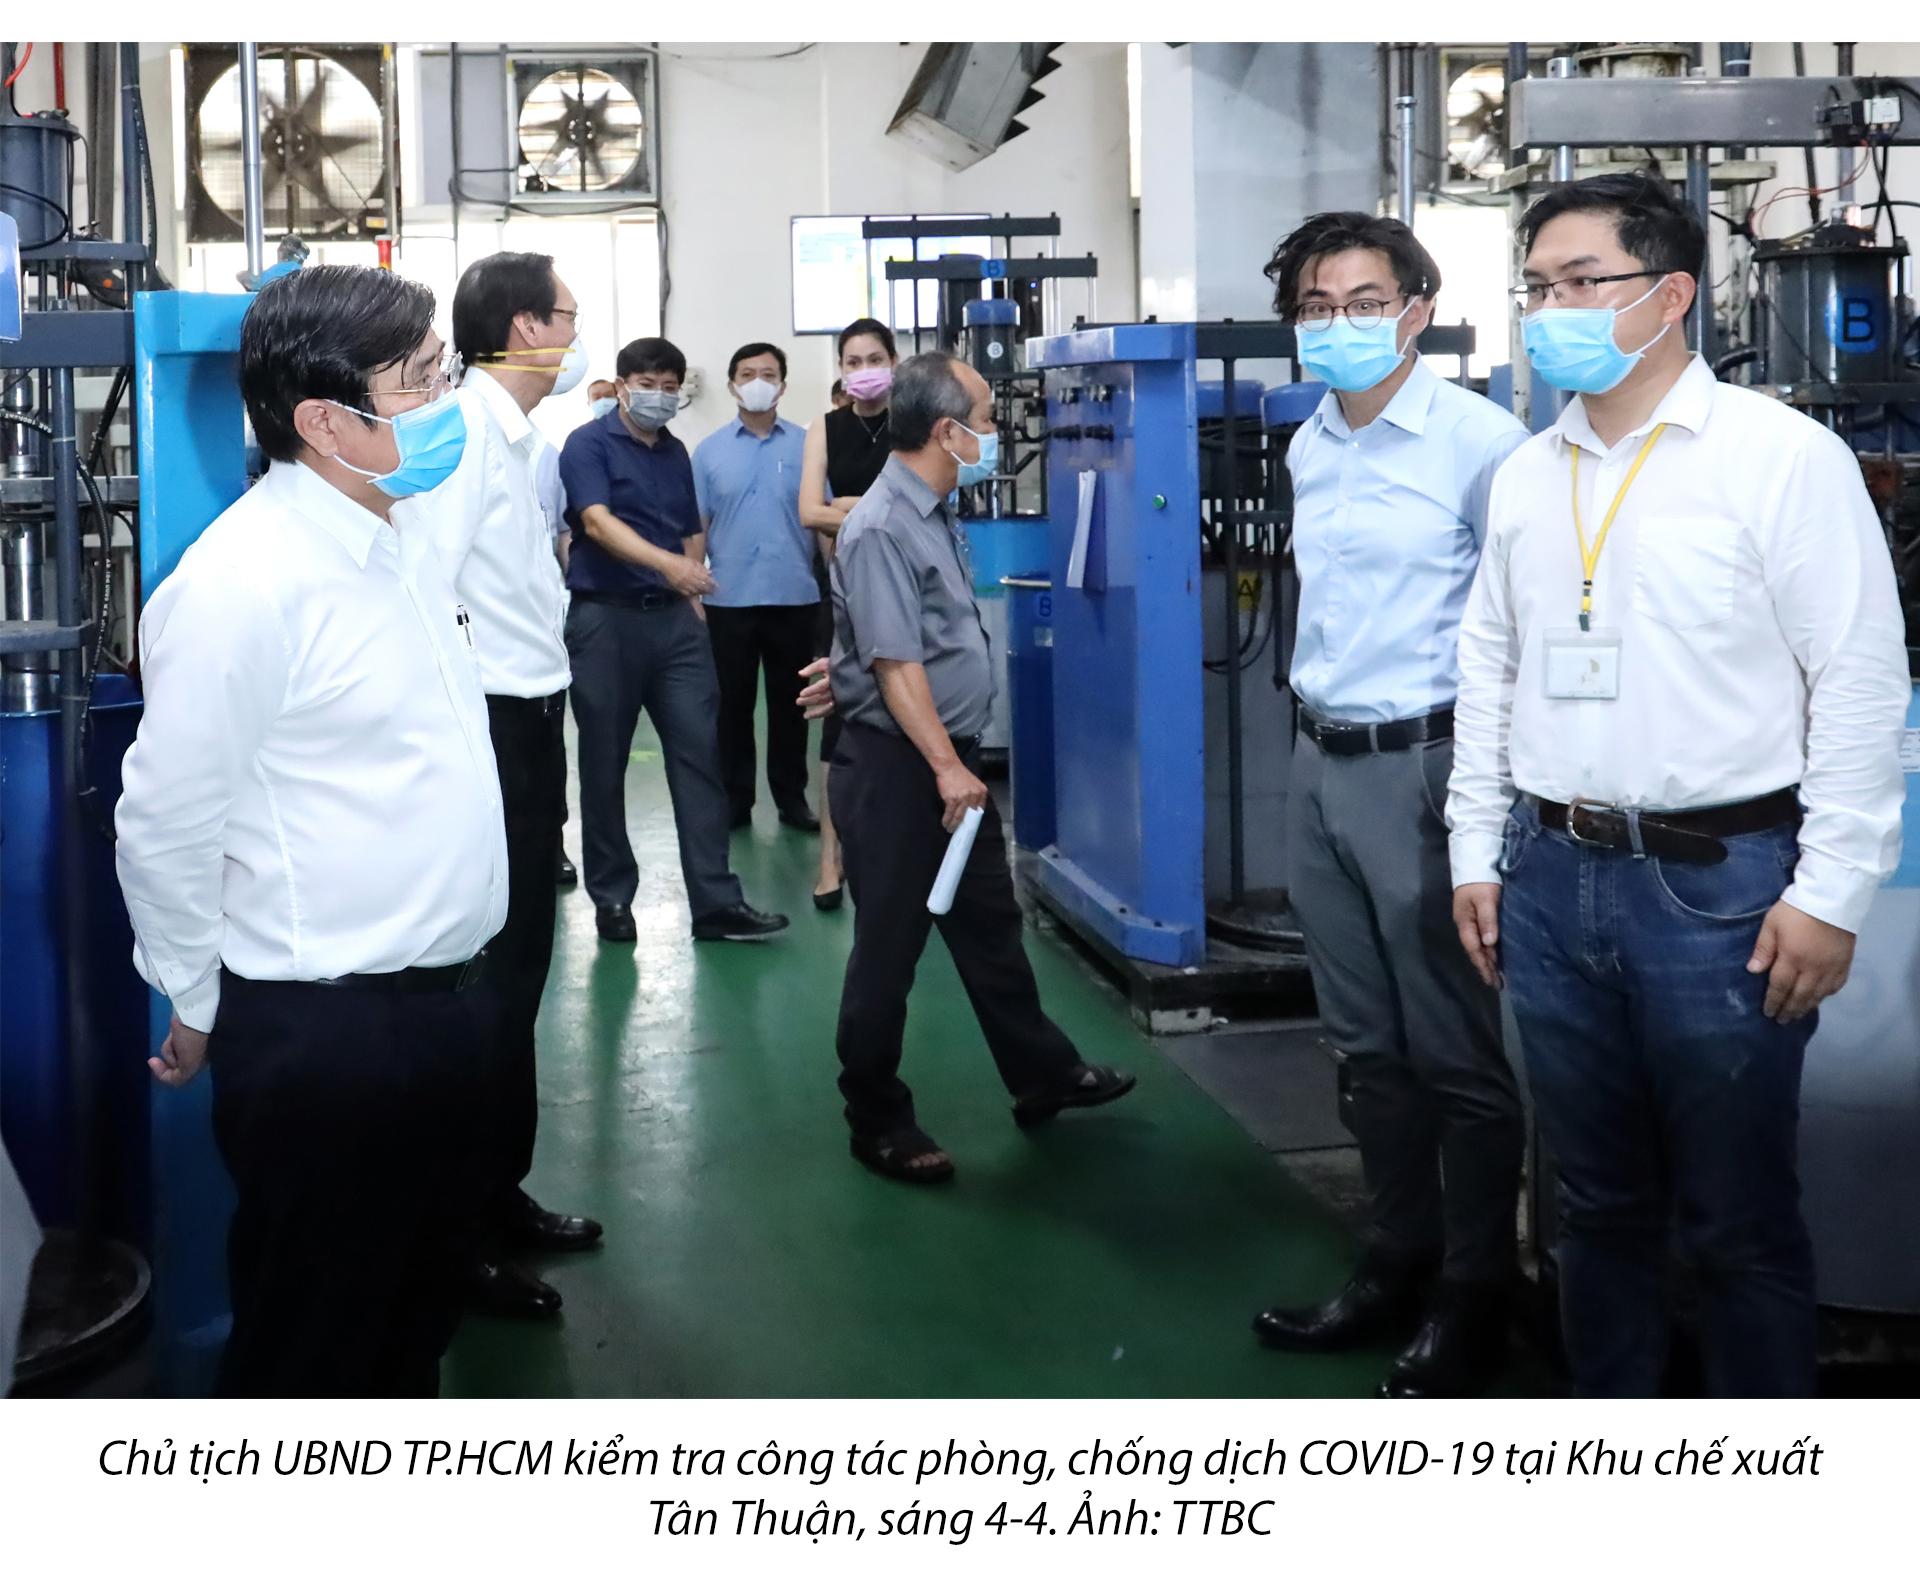 5 nỗ lực lớn của TP.HCM trong phòng, chống COVID-19 - ảnh 13